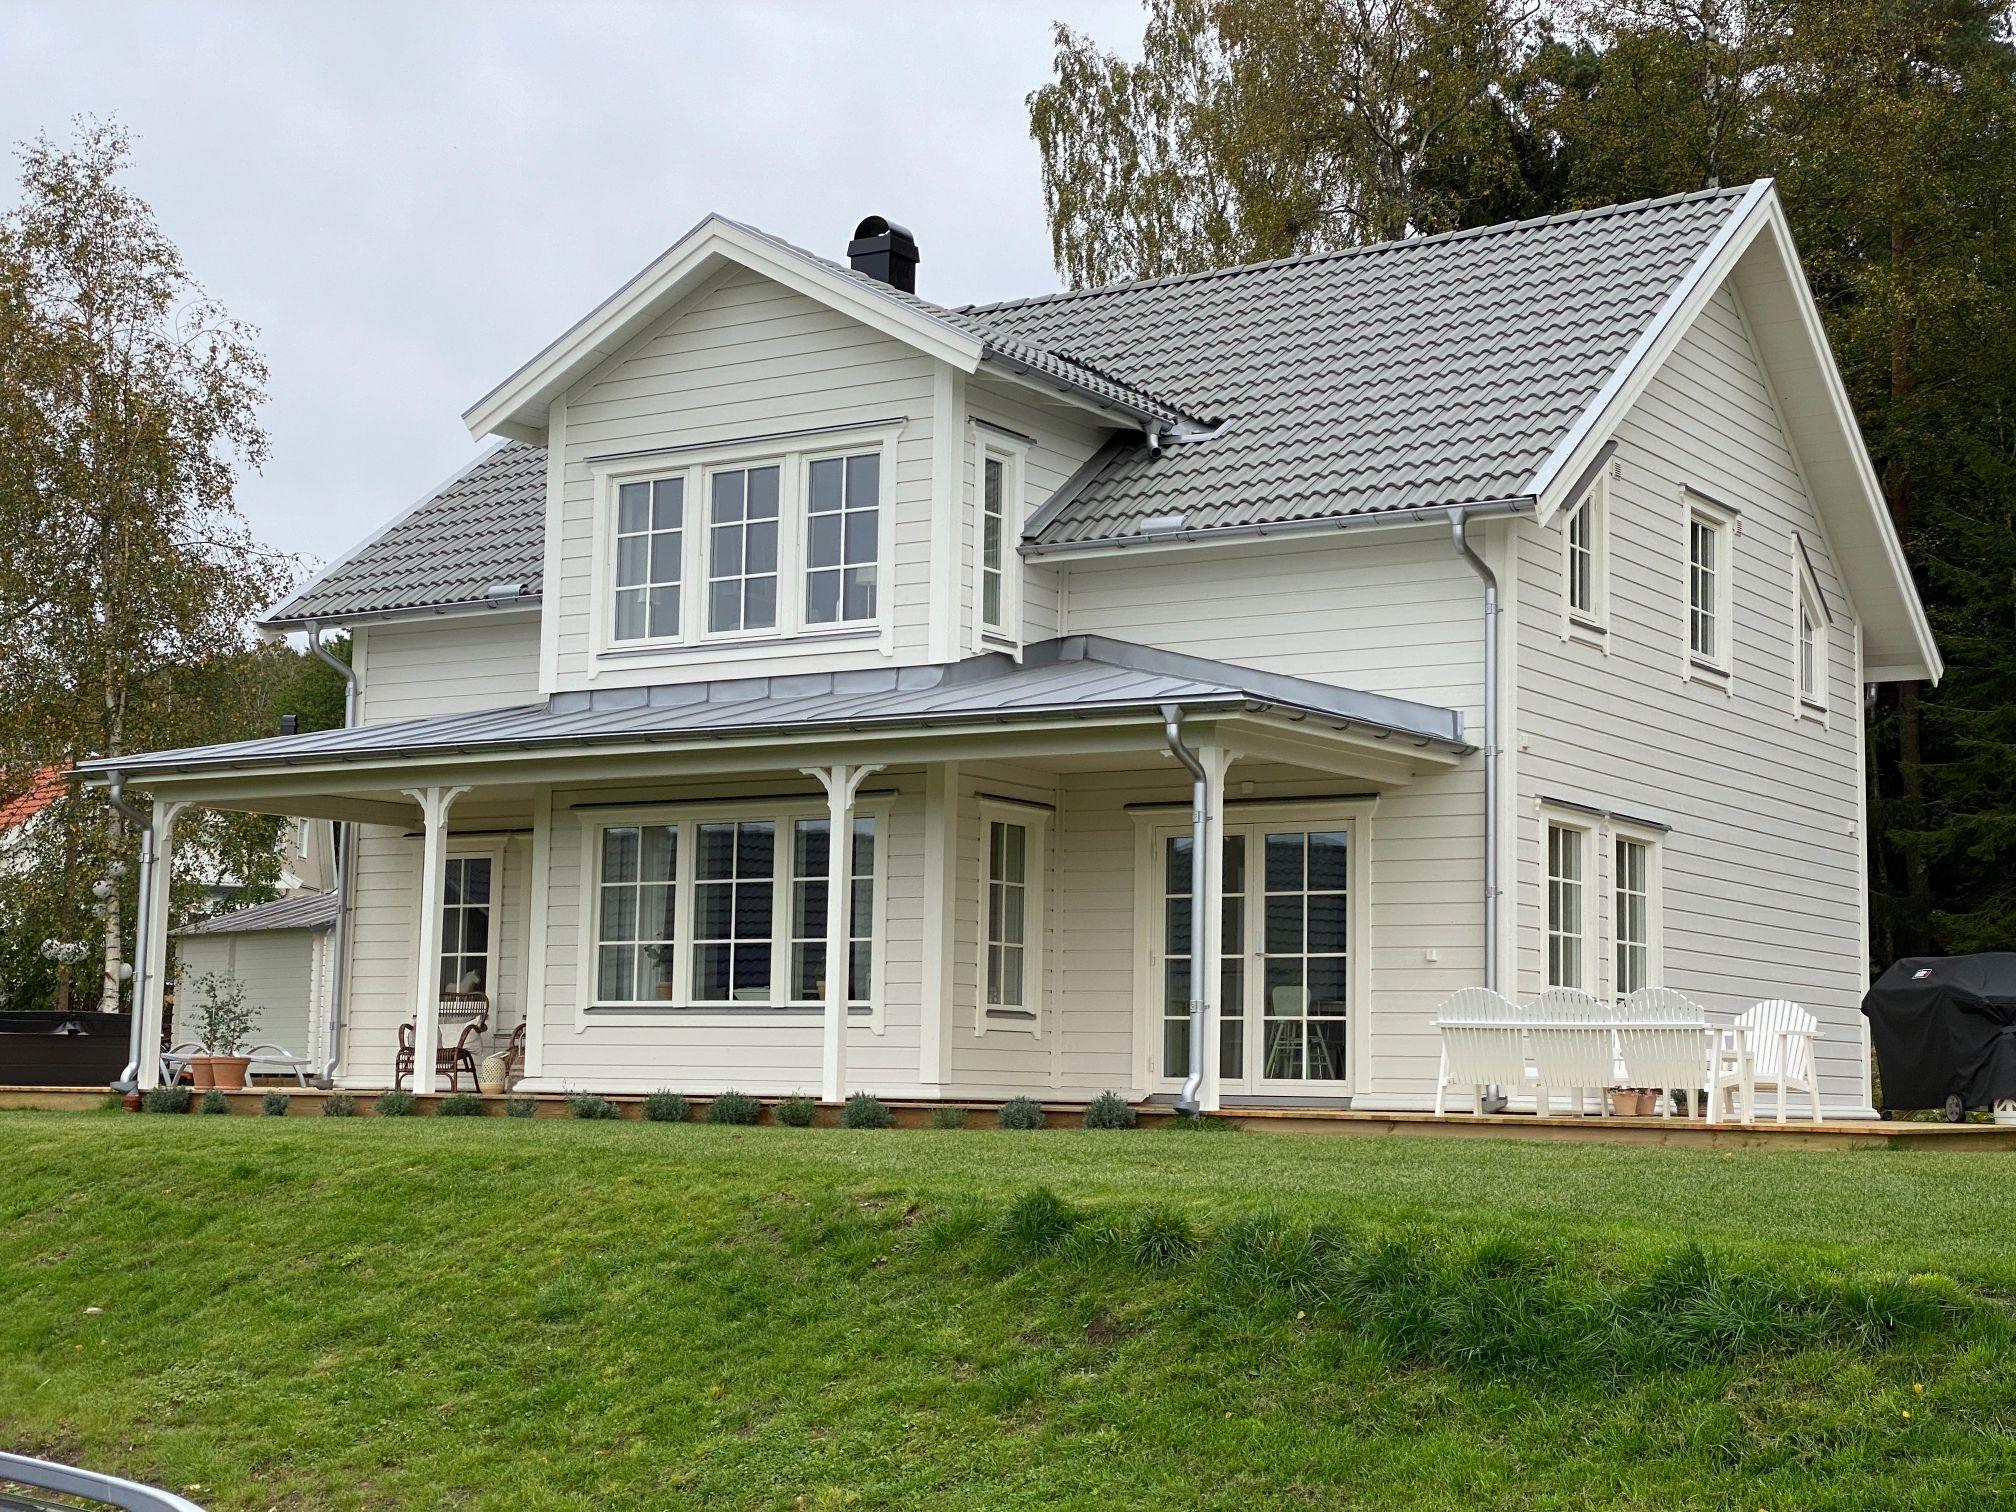 villa domherren special, klassiskt hus med fina detaljer